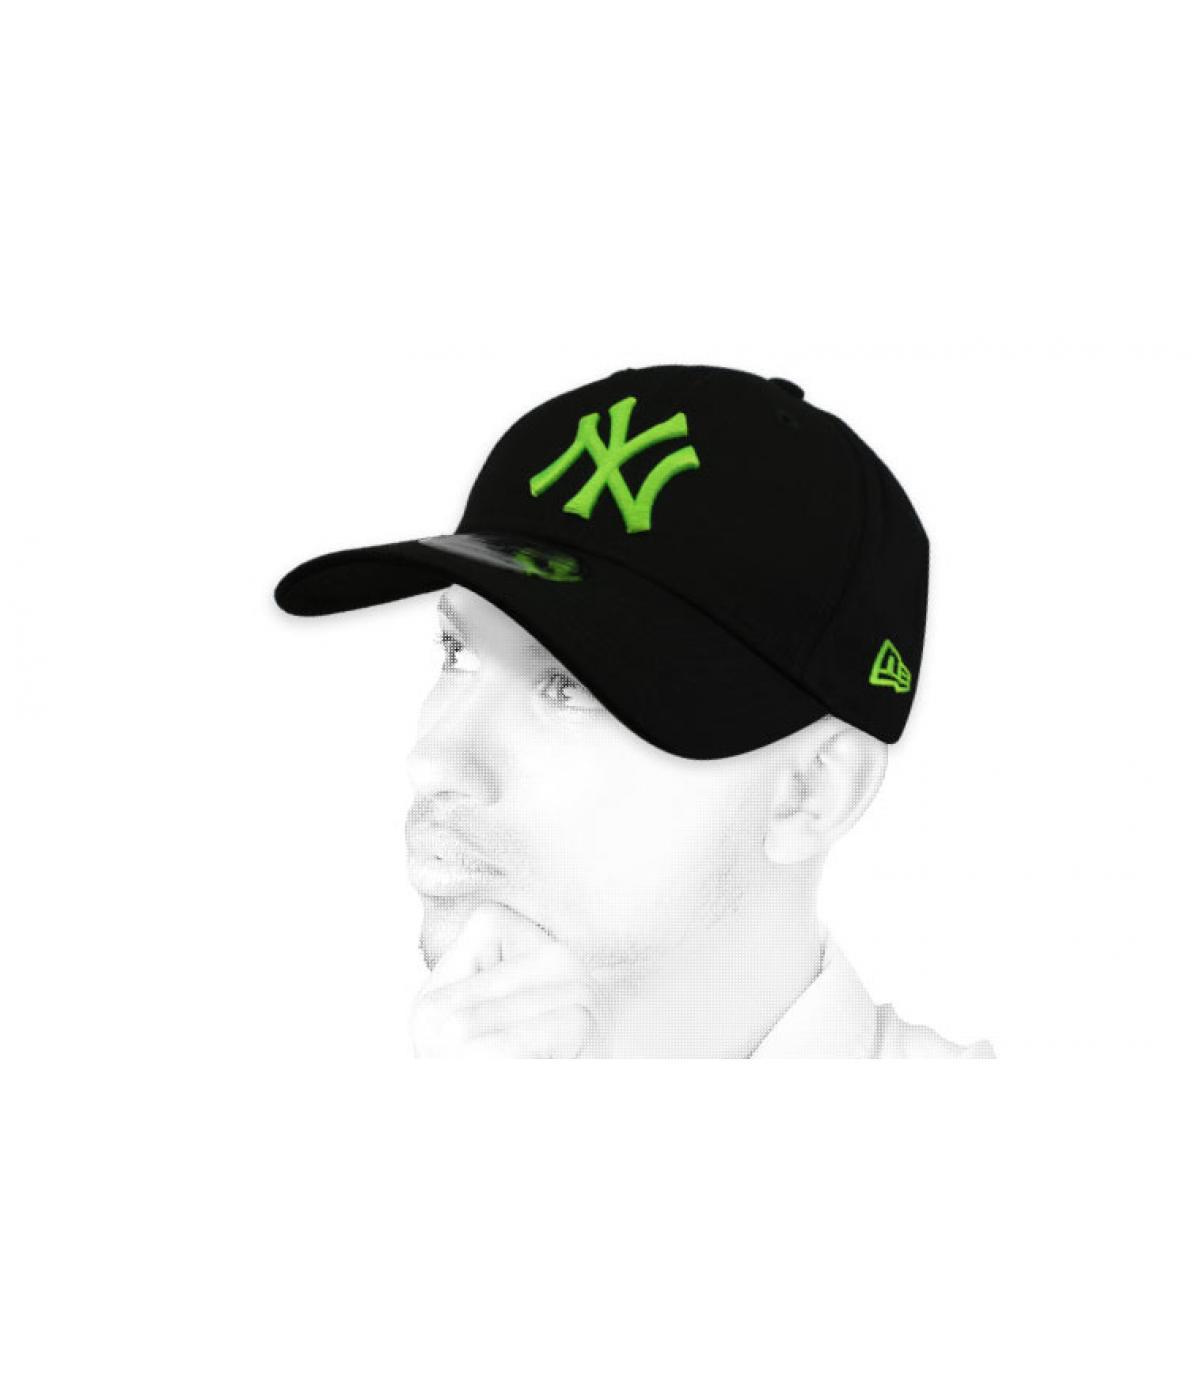 gorra NY negro verde